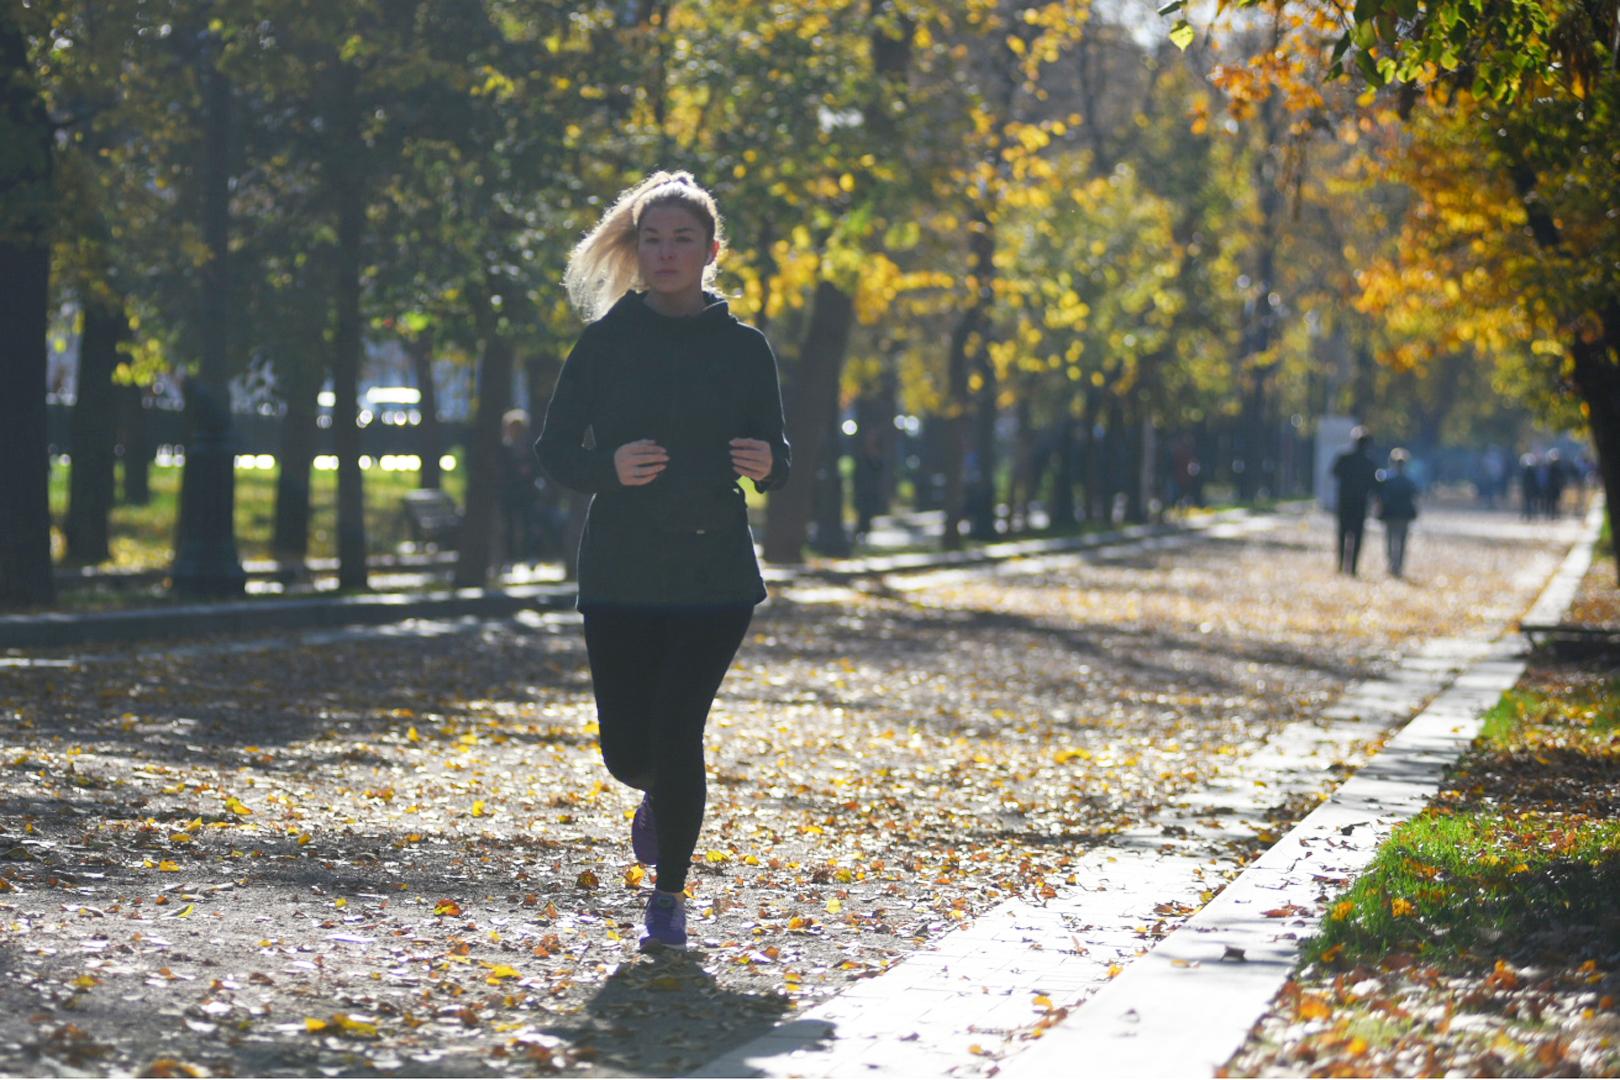 Маршрут для осенних пробежек появился на юге Москвы